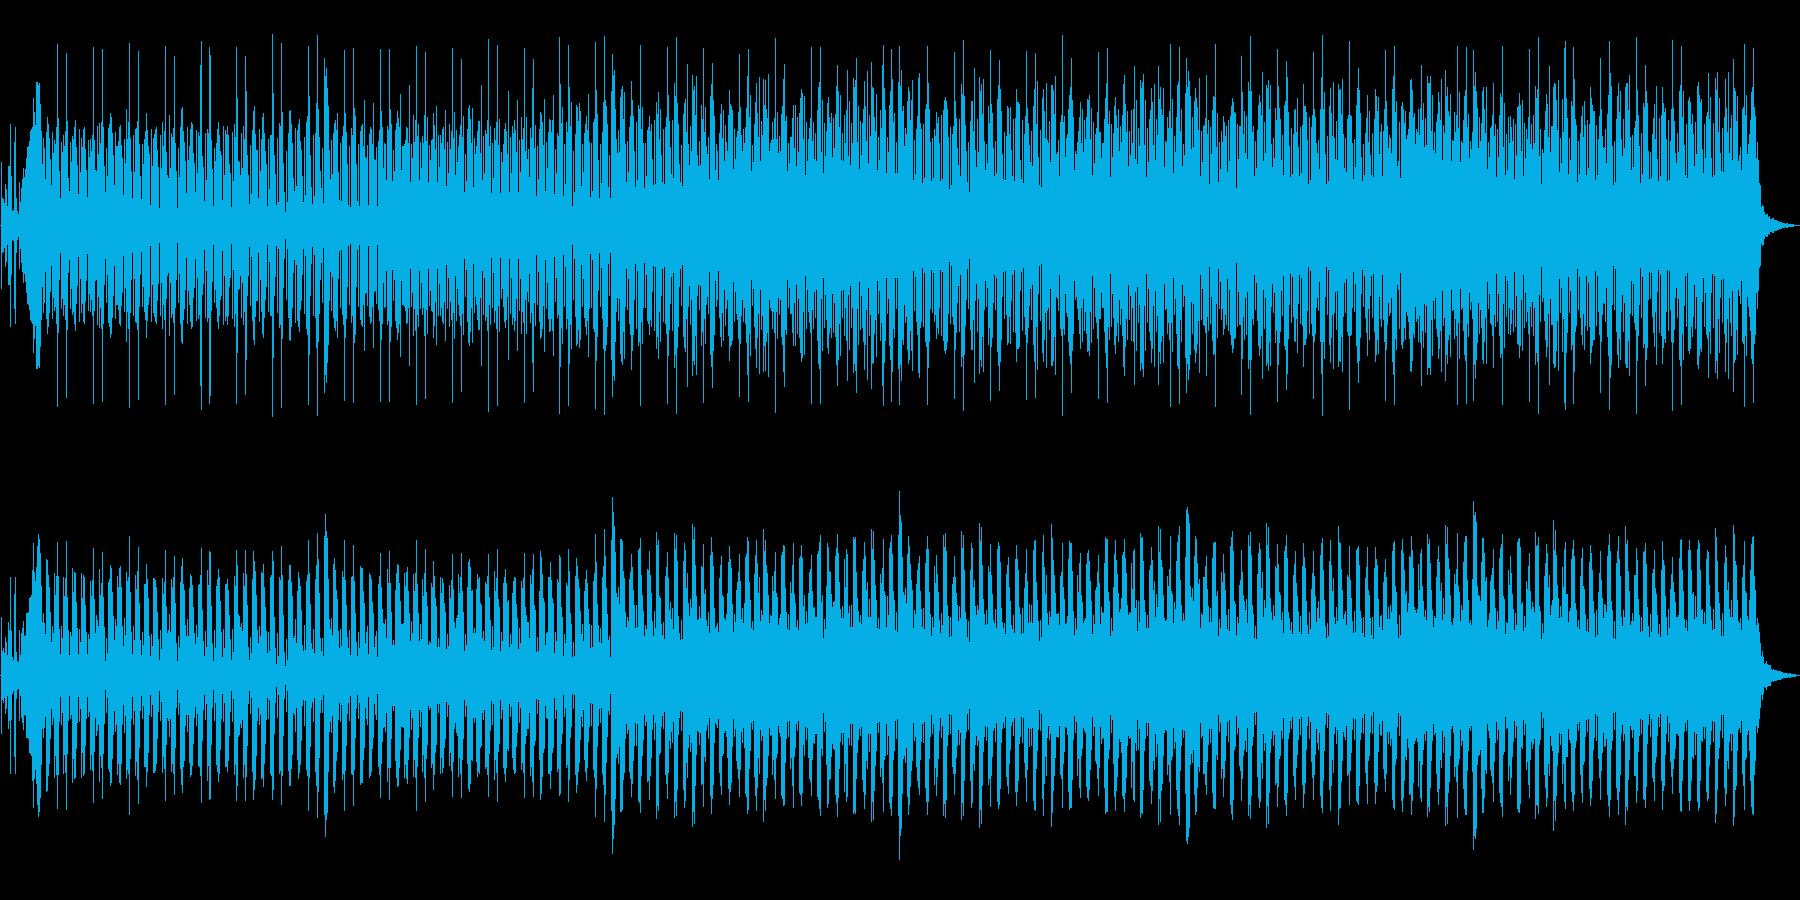 ハワイ等のリゾートをイメージして作った…の再生済みの波形